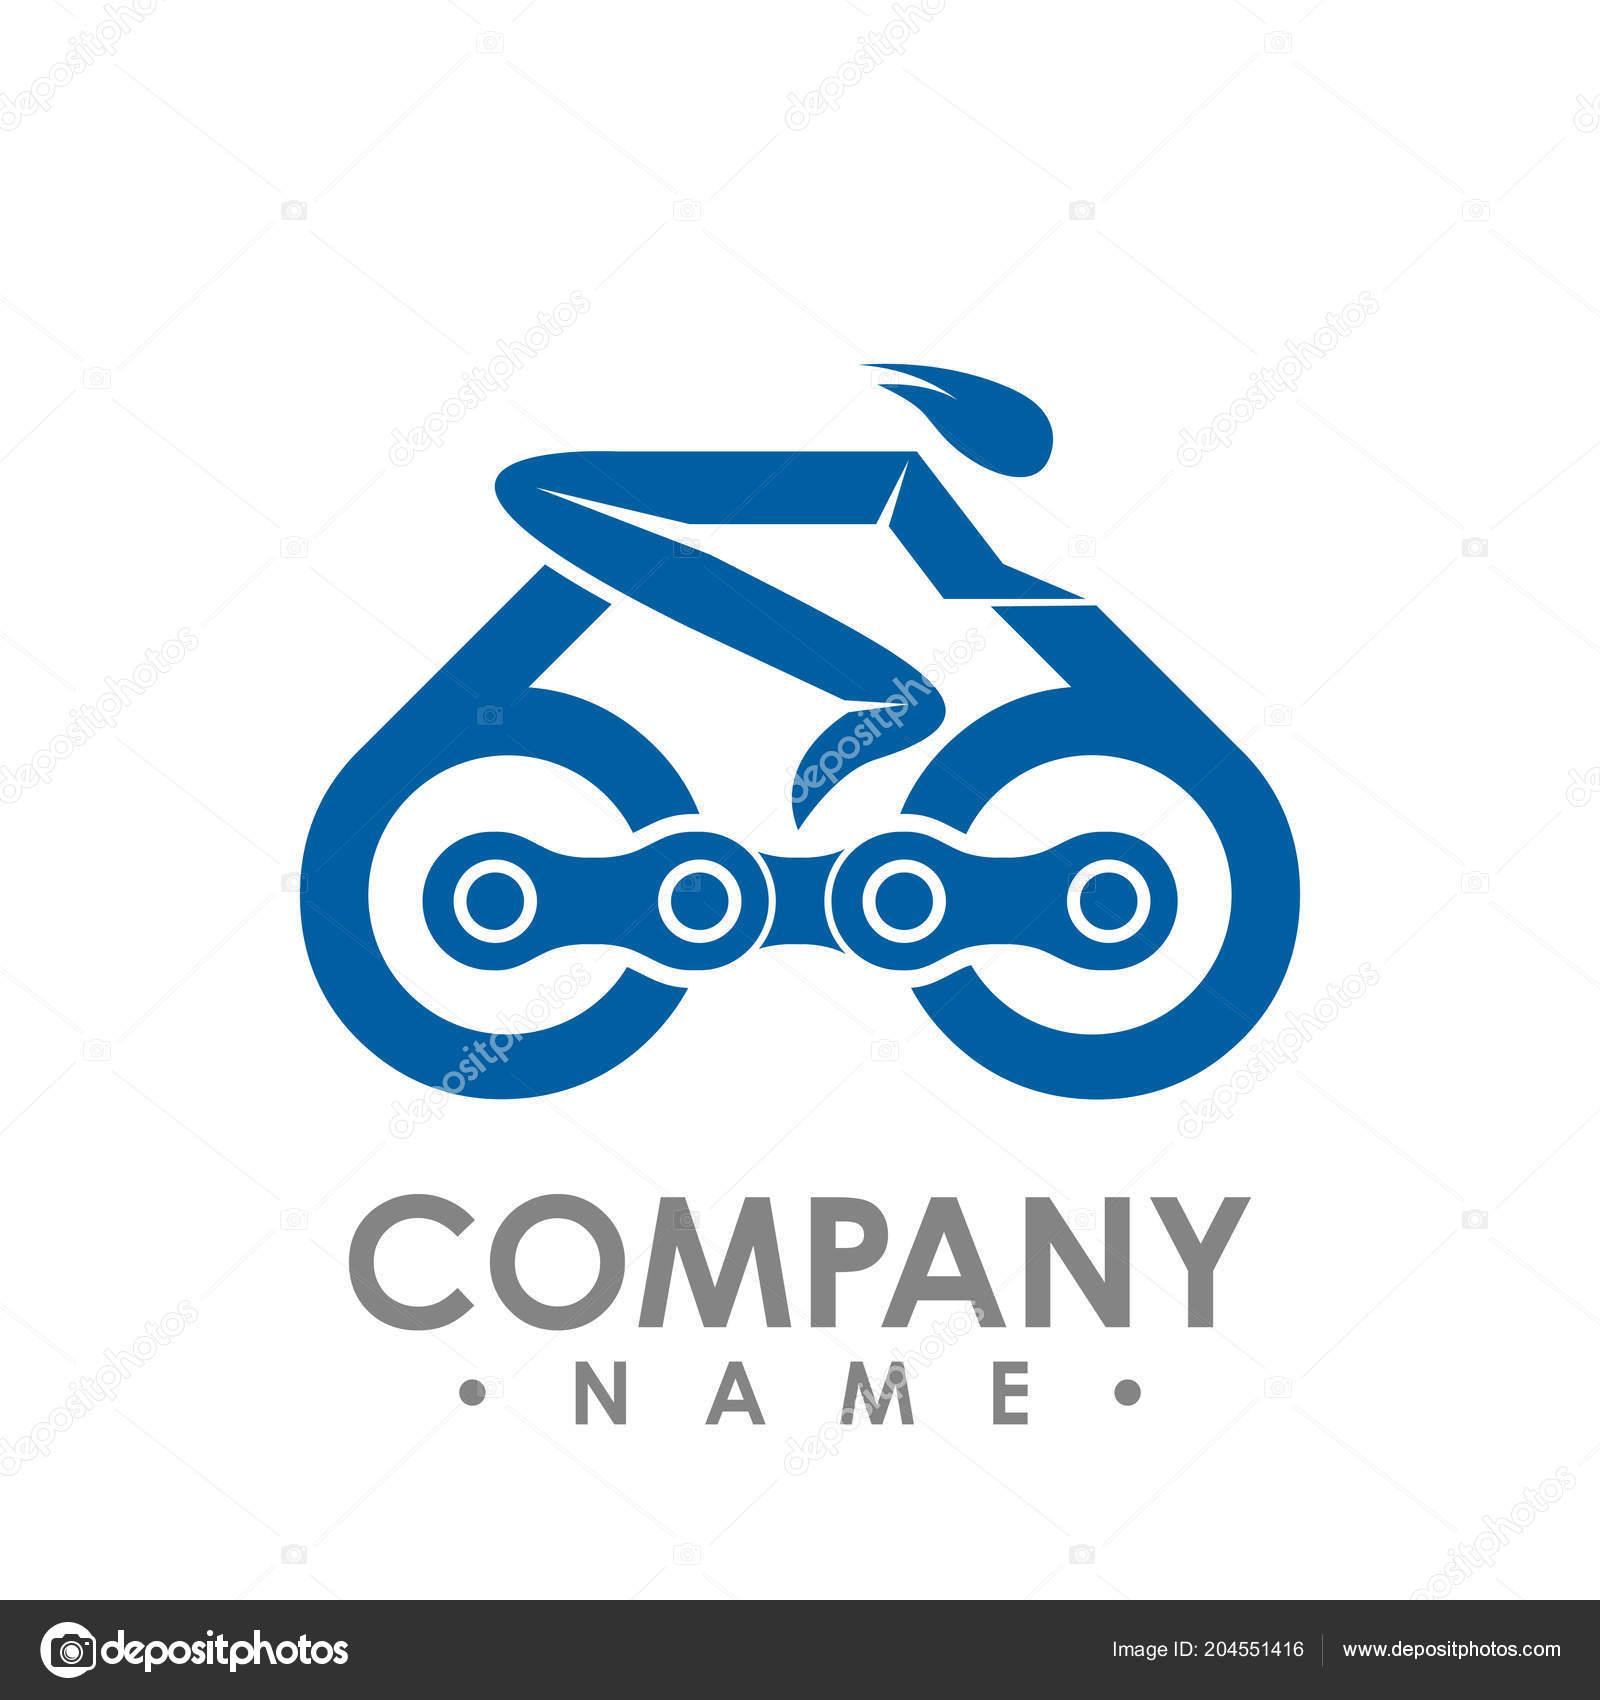 Bici Catena Illustrazione Vettore Del Profilo Icona Della Gara Bici